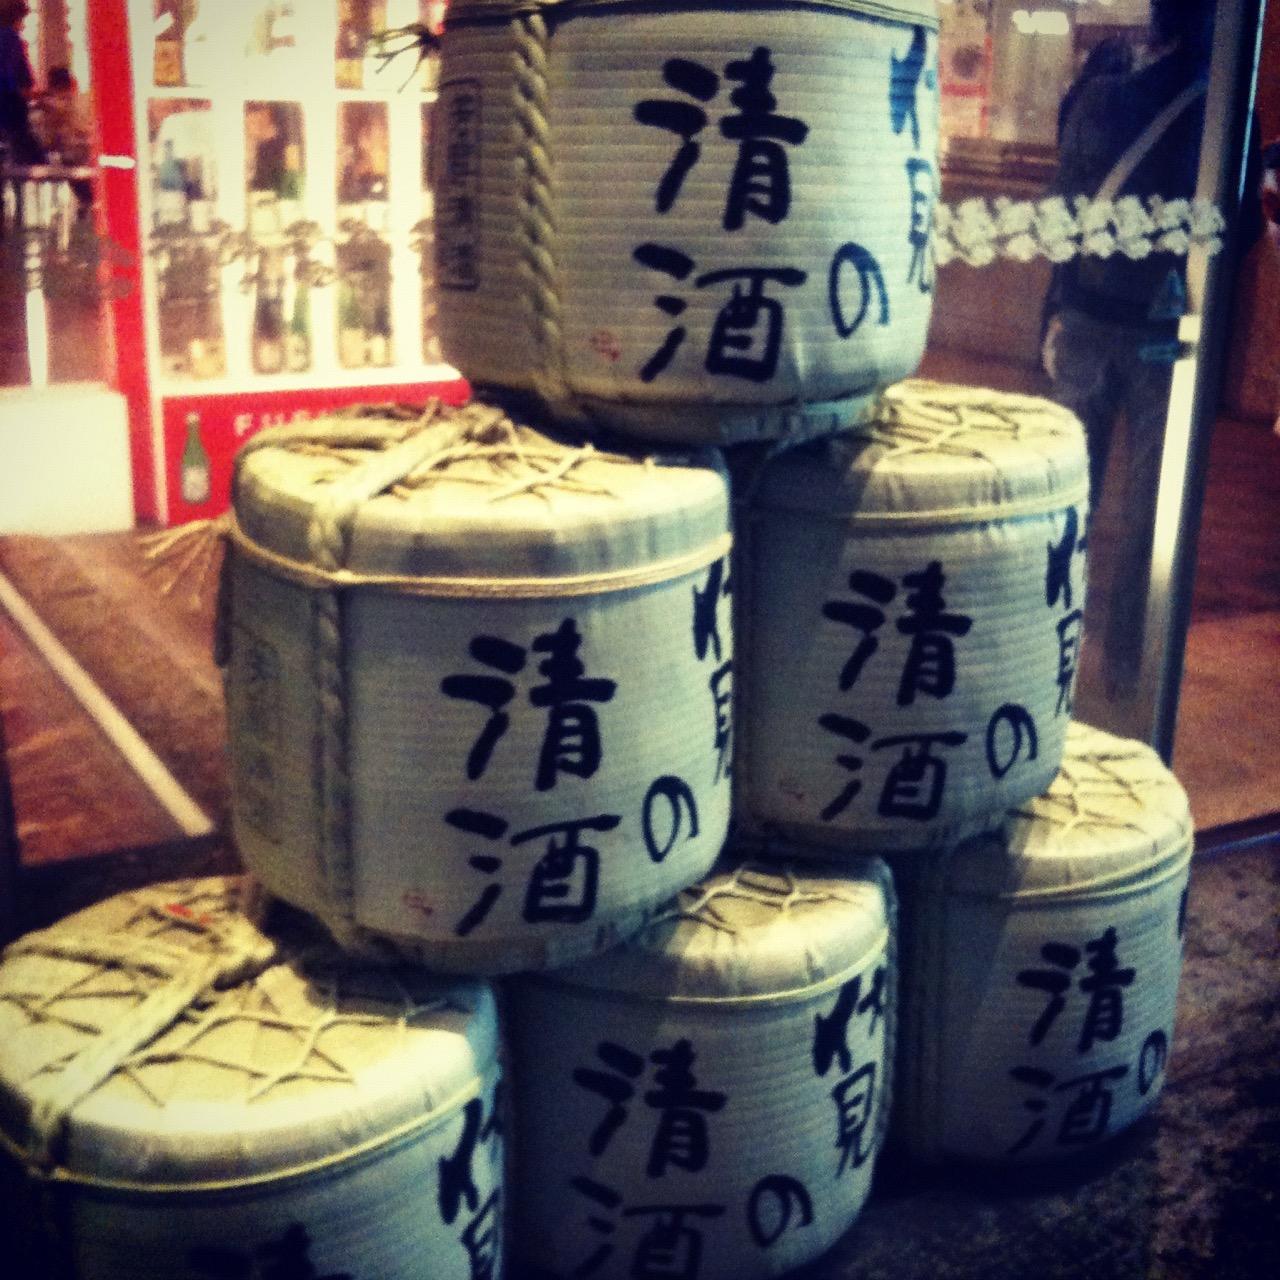 伏見 Sakezo's Bar 2011 日本酒テイスティングノート 3